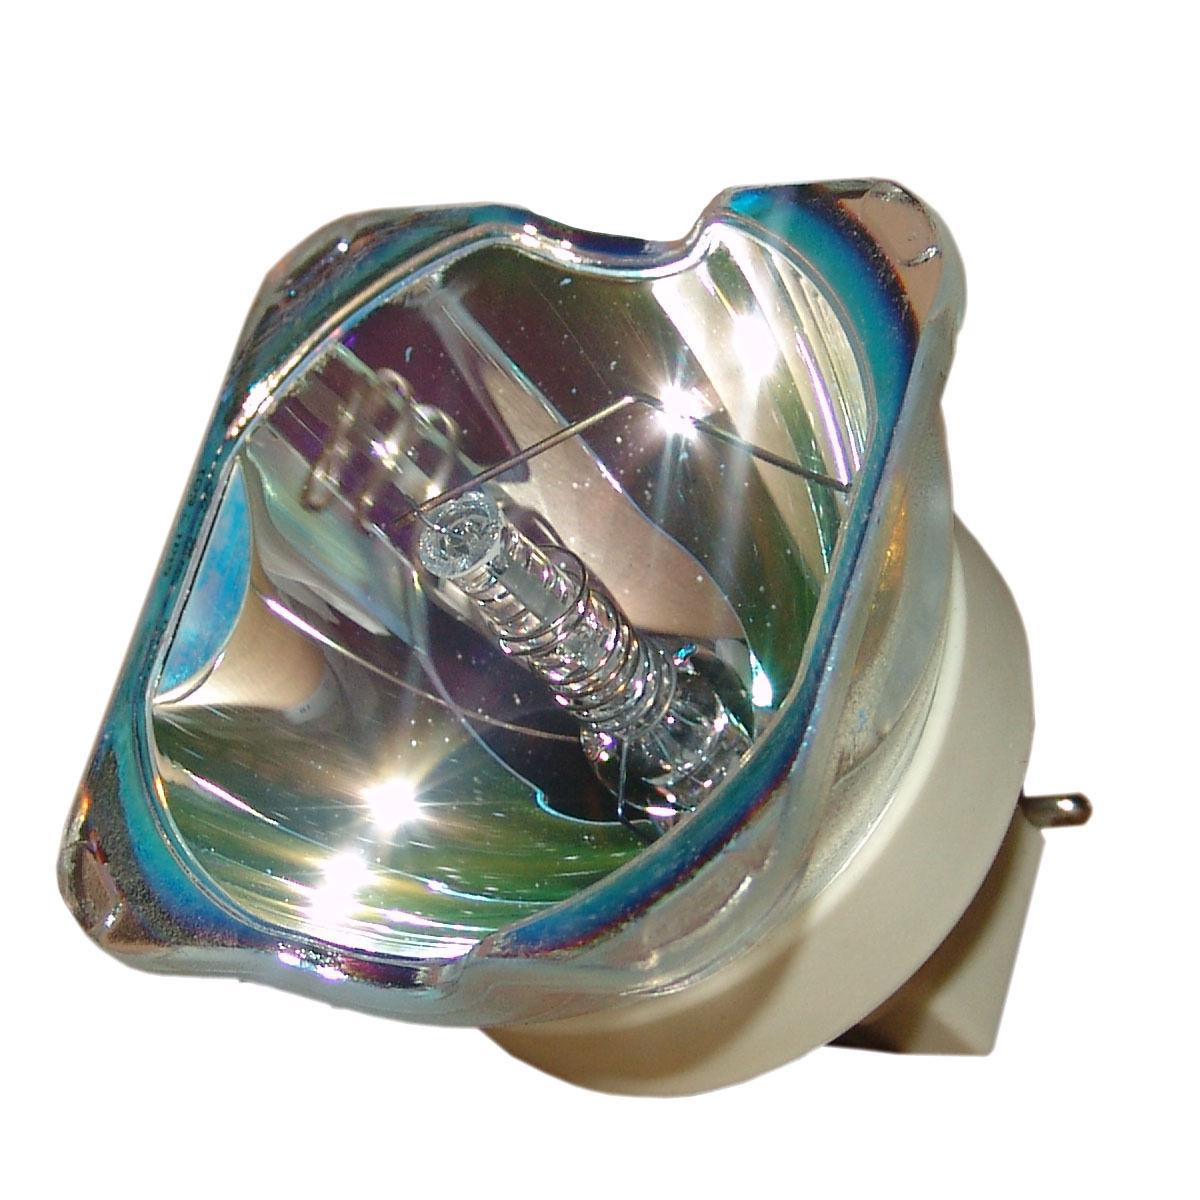 ET-LAE200 ETLAE200 For Panasonic PT-EZ570E PT-EZ570EL PT-EX600E PT-EX600EL PT-EX500EL PT-EW530E PT-EW630 Projector Lamp Bulb